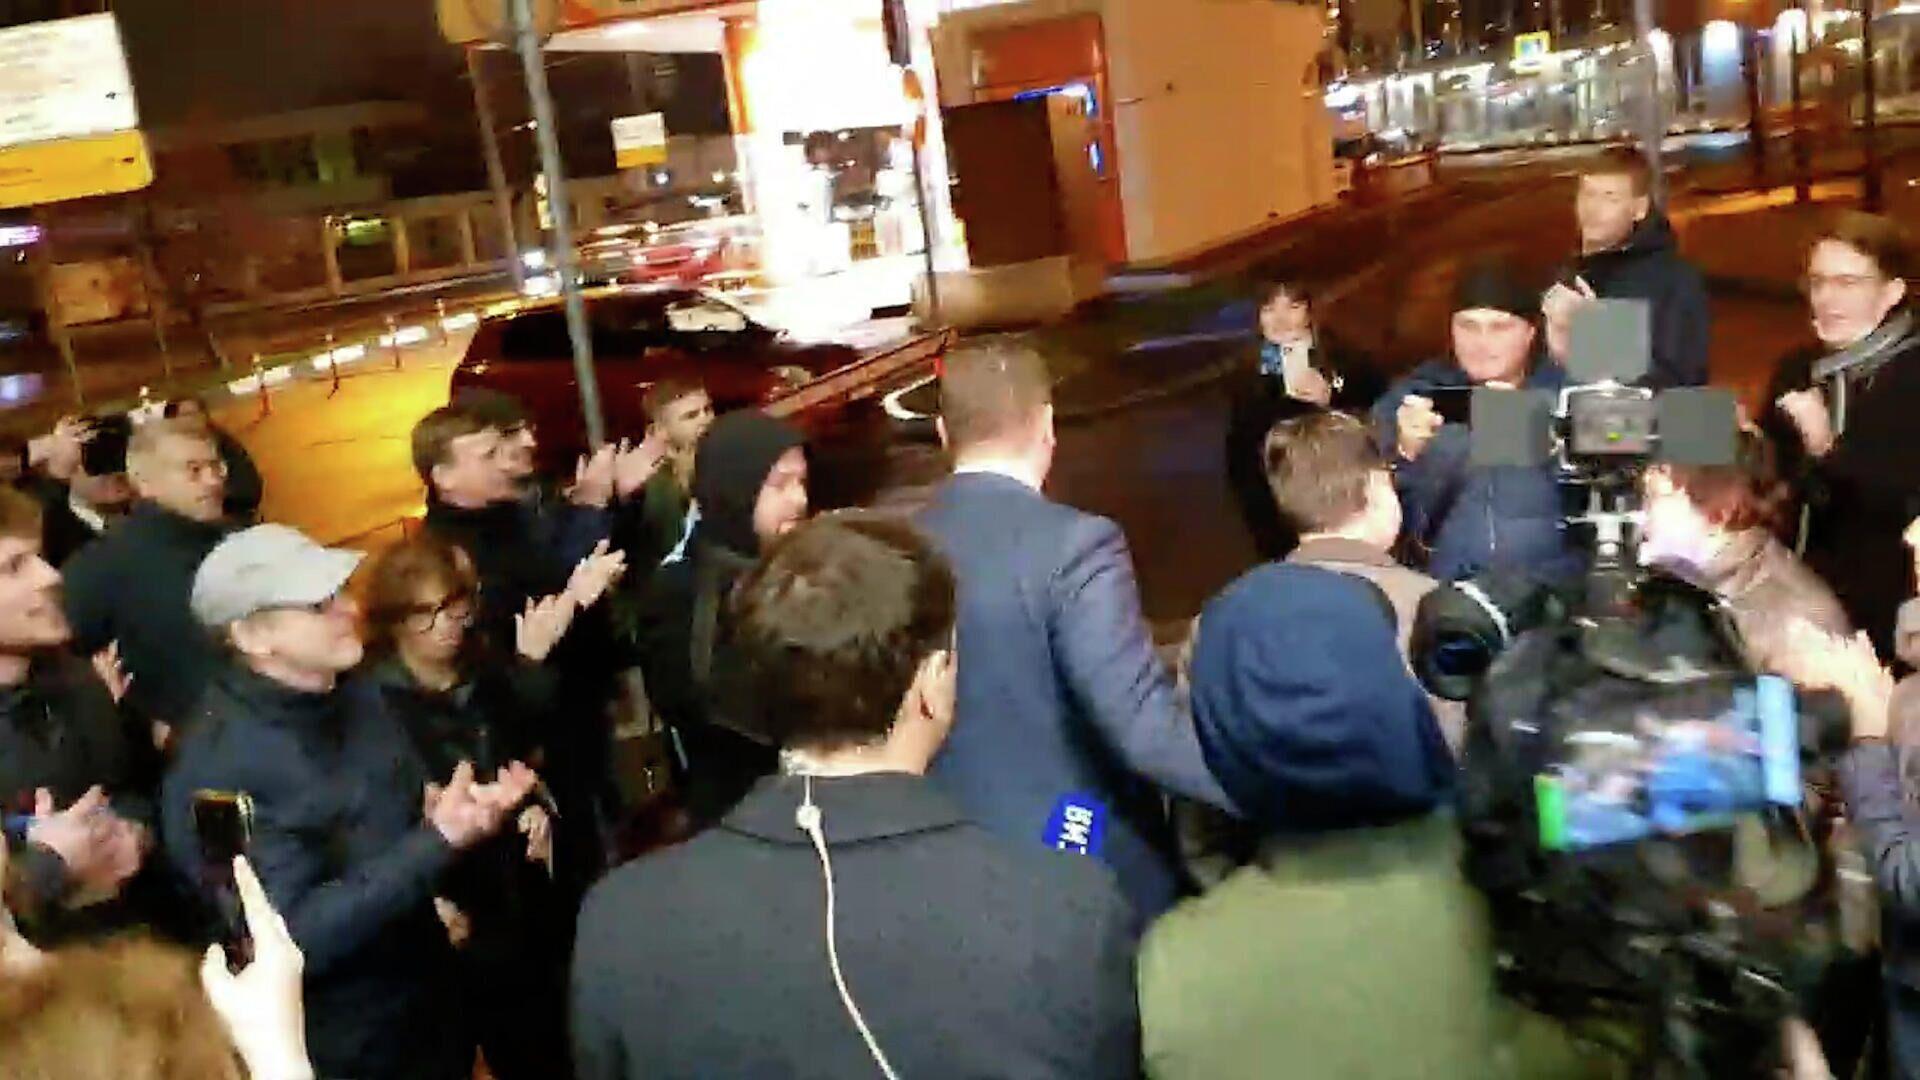 Экс-замминистра Ракову допрашивали до объявления в розыск, сообщил источник